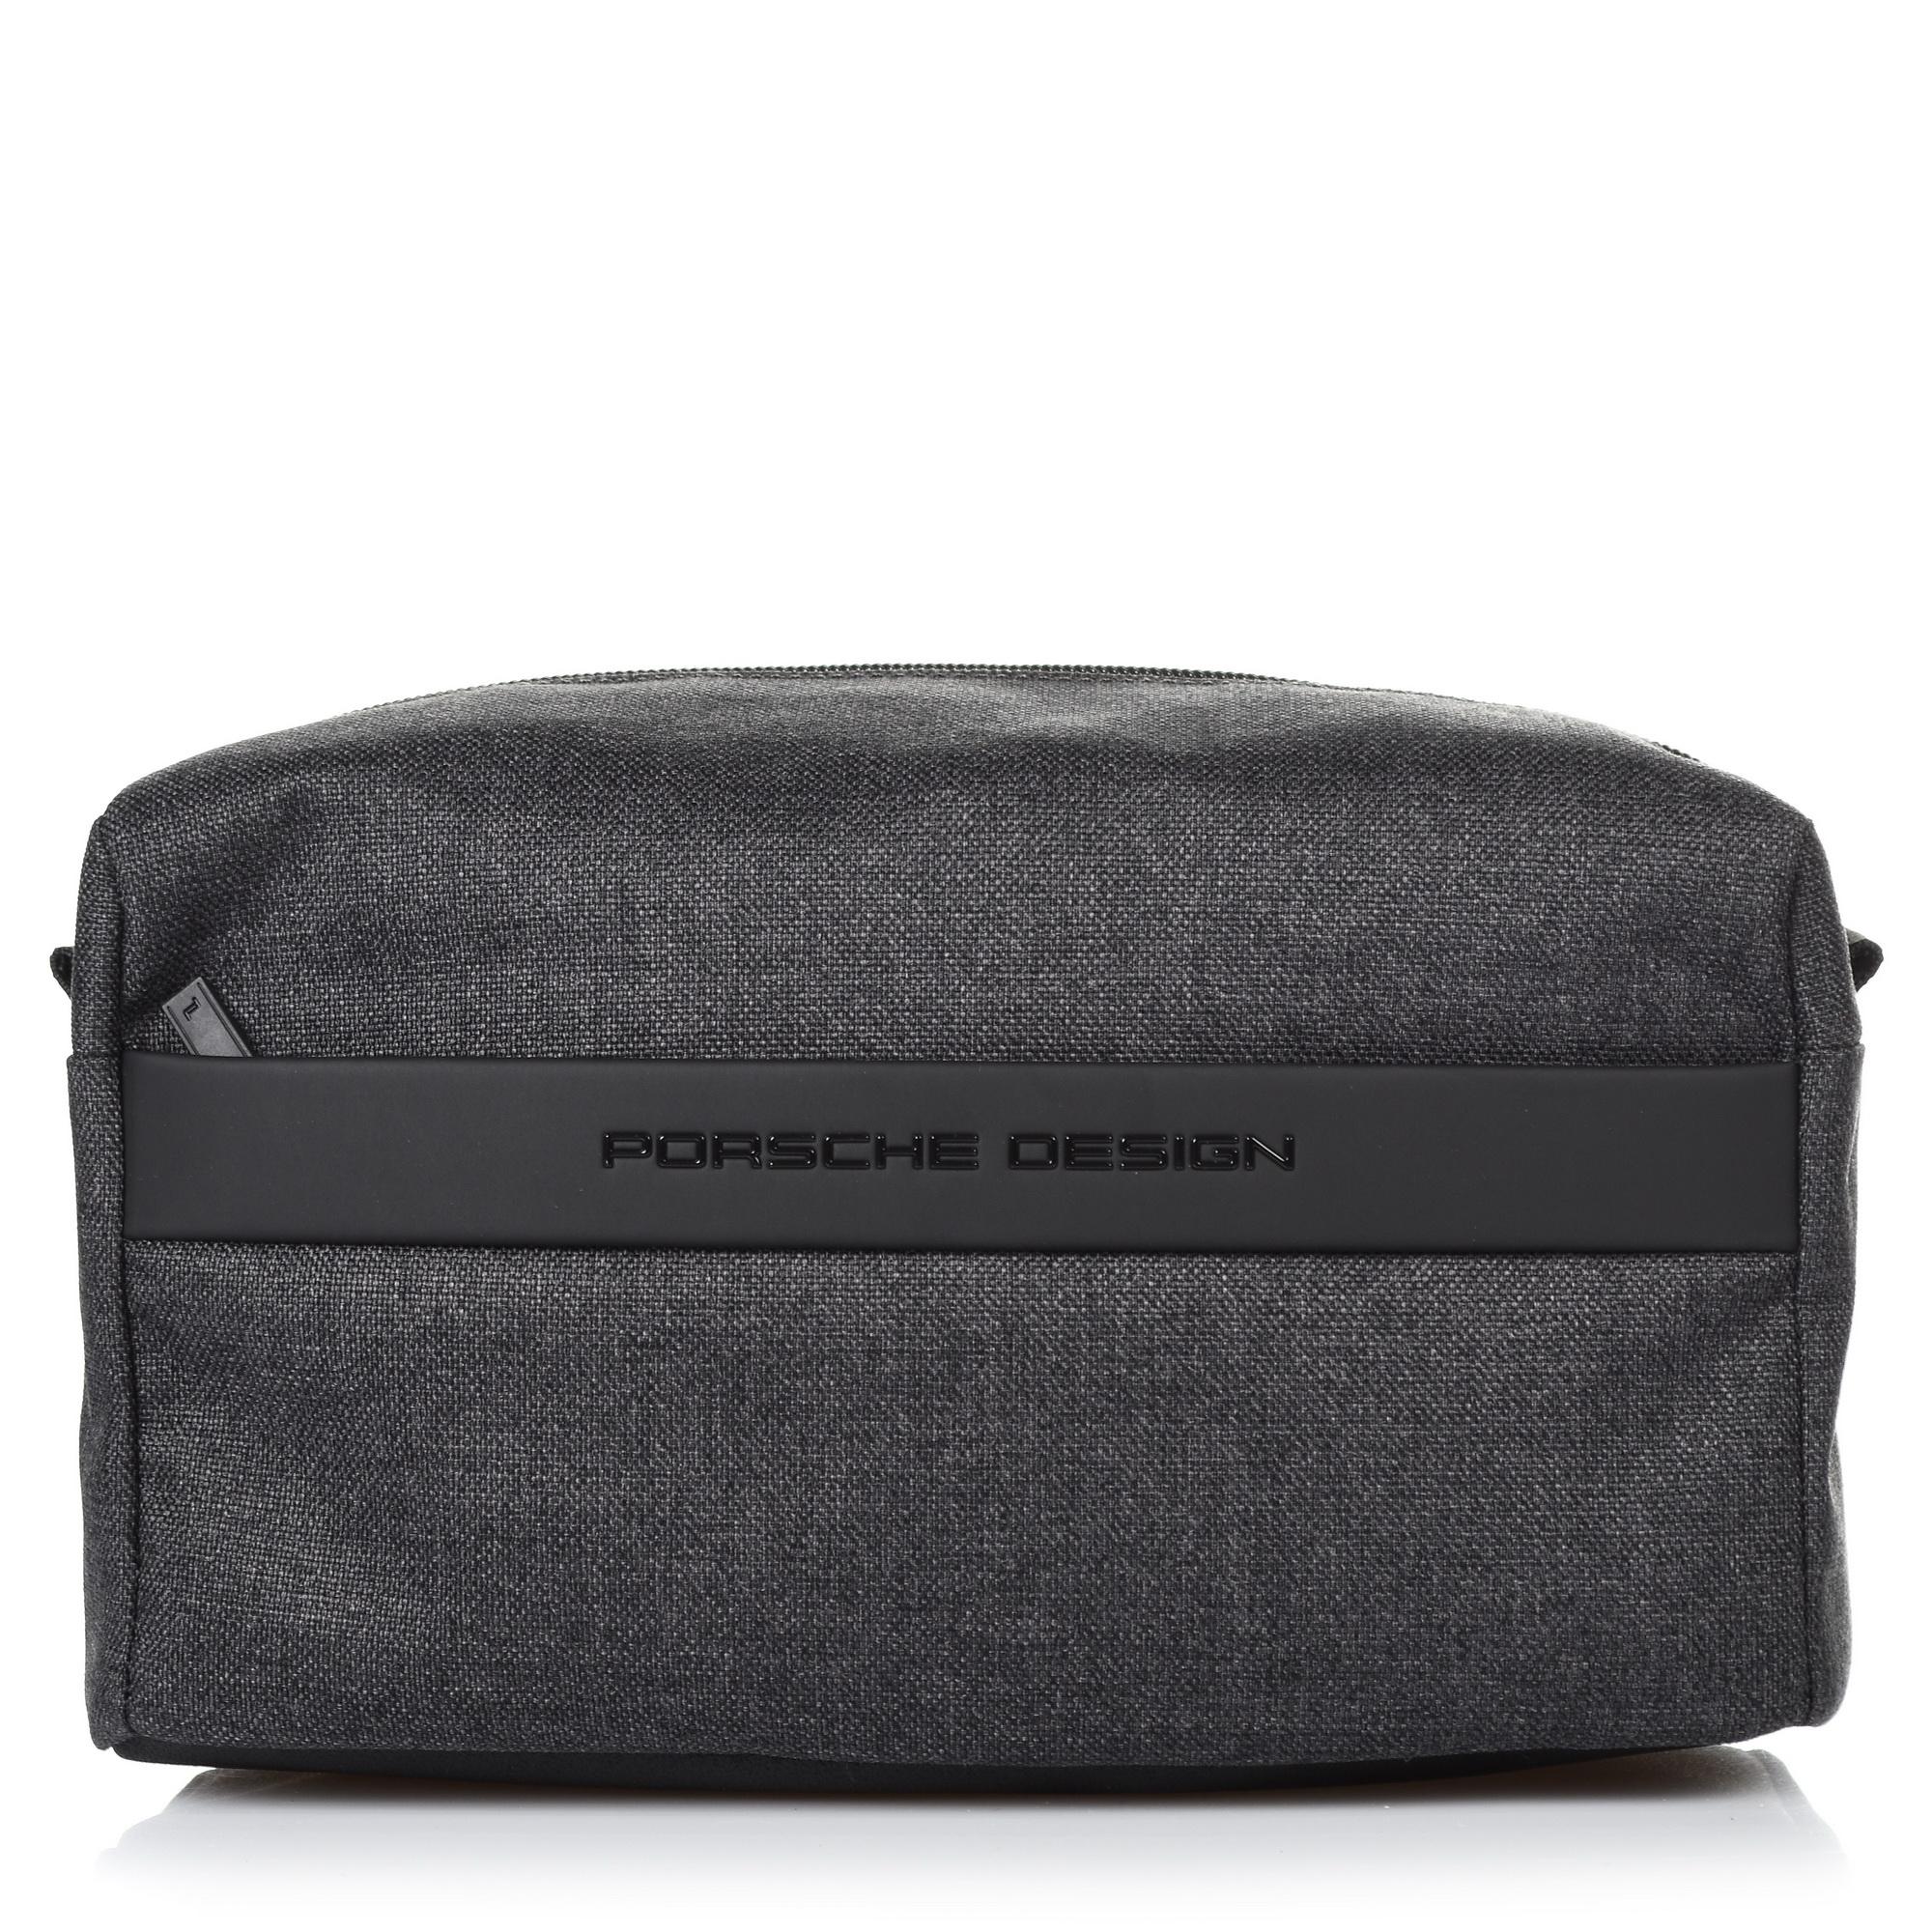 Νεσεσέρ Porsche Design Cargon 3.0 WashBag SHZ 4090002567 ανδρας   νεσεσέρ